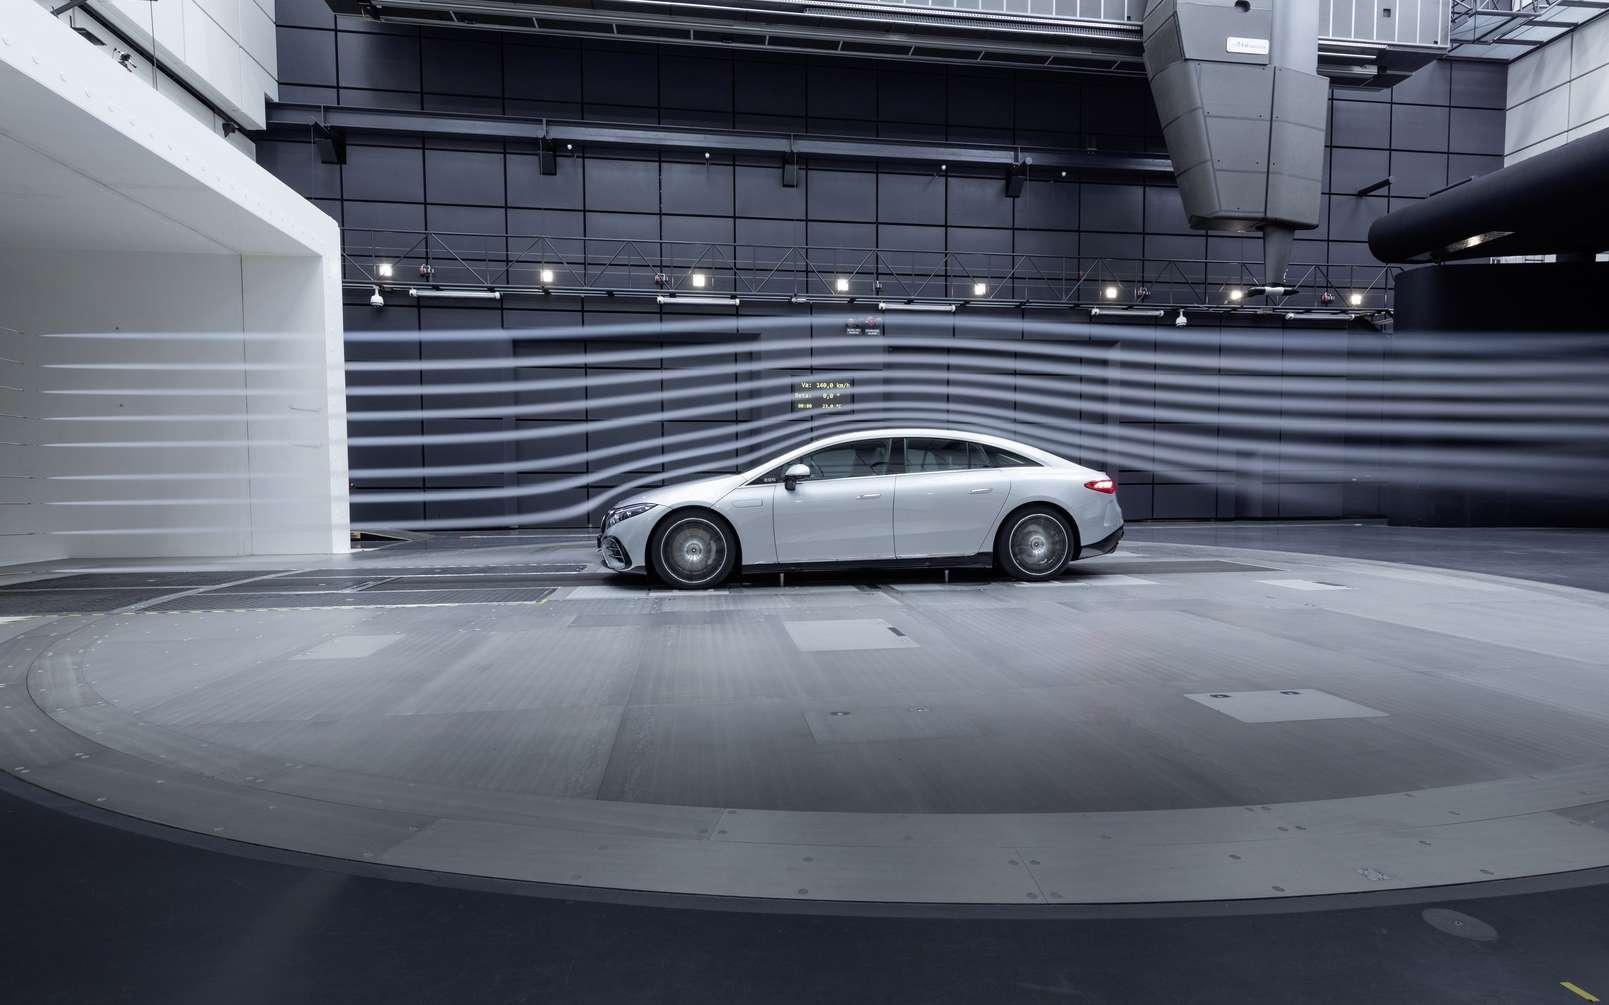 La Mercedes EQS est basée sur la plateforme EVA dont Mercedes va se servir pour sa gamme de voitures électriques. © Mercedes